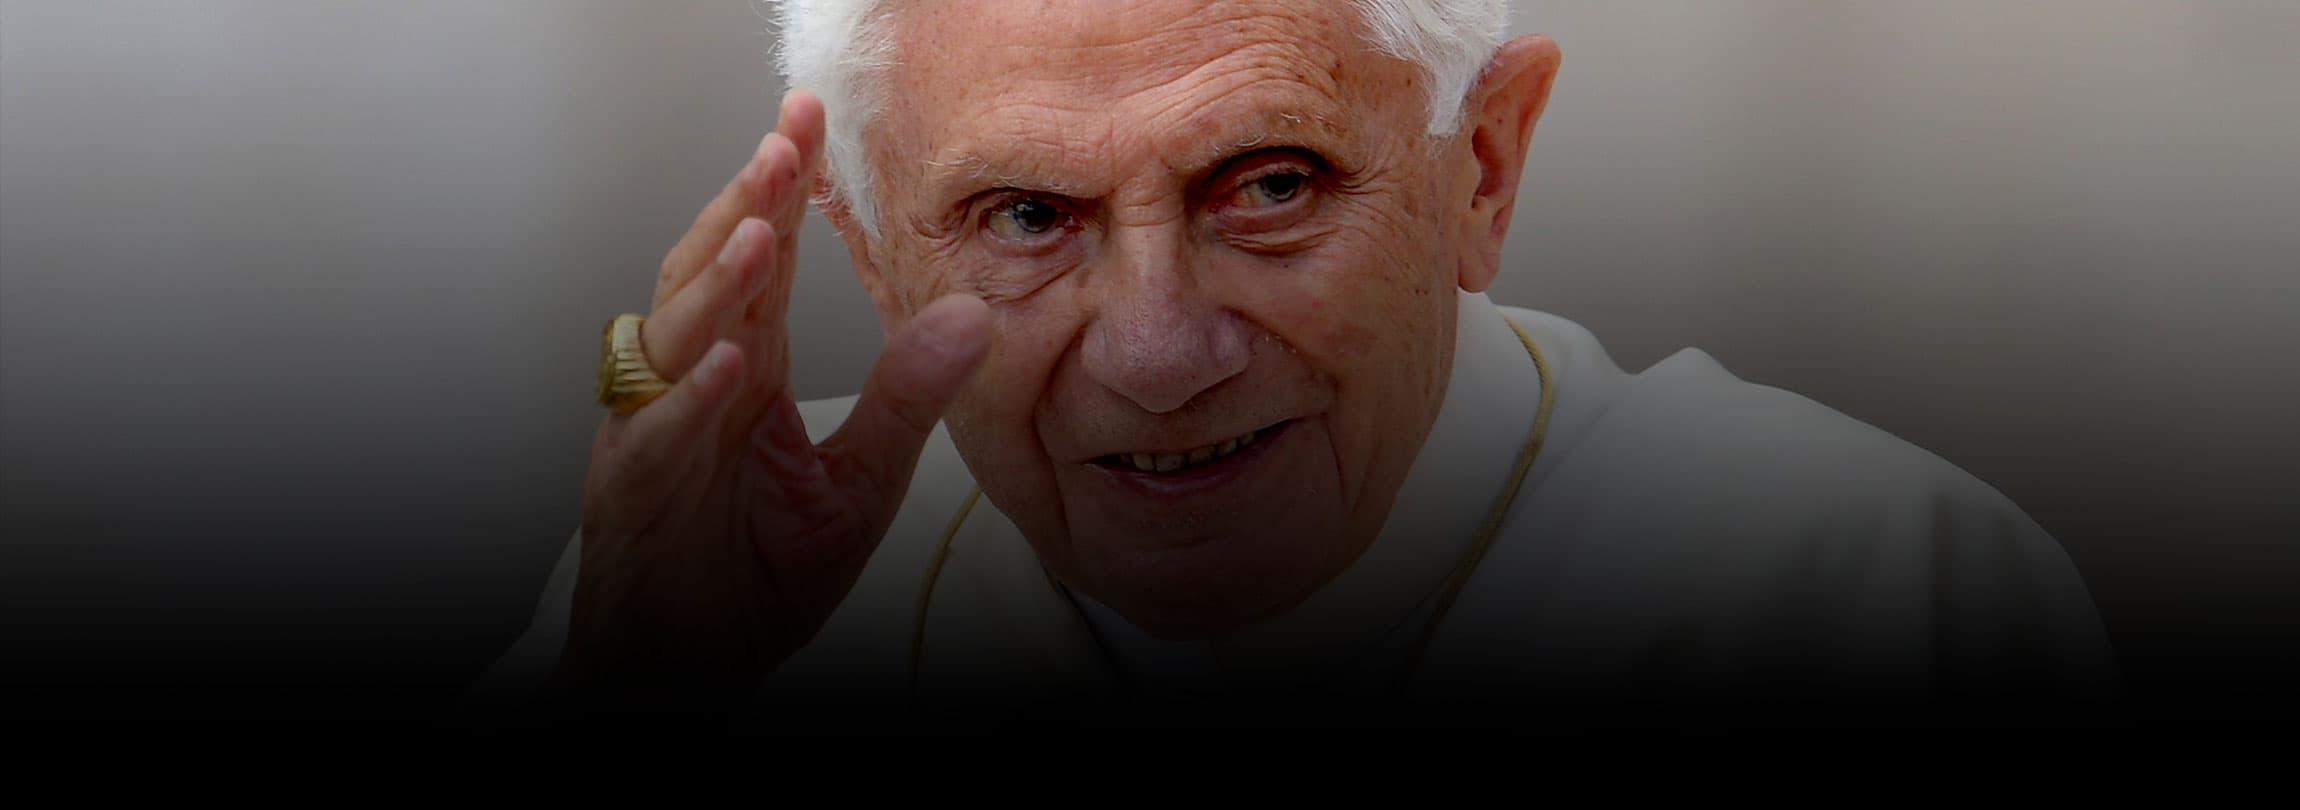 """Cristãos devem percorrer juntos o """"caminho estreito"""" da fidelidade a Deus, afirma o Papa"""